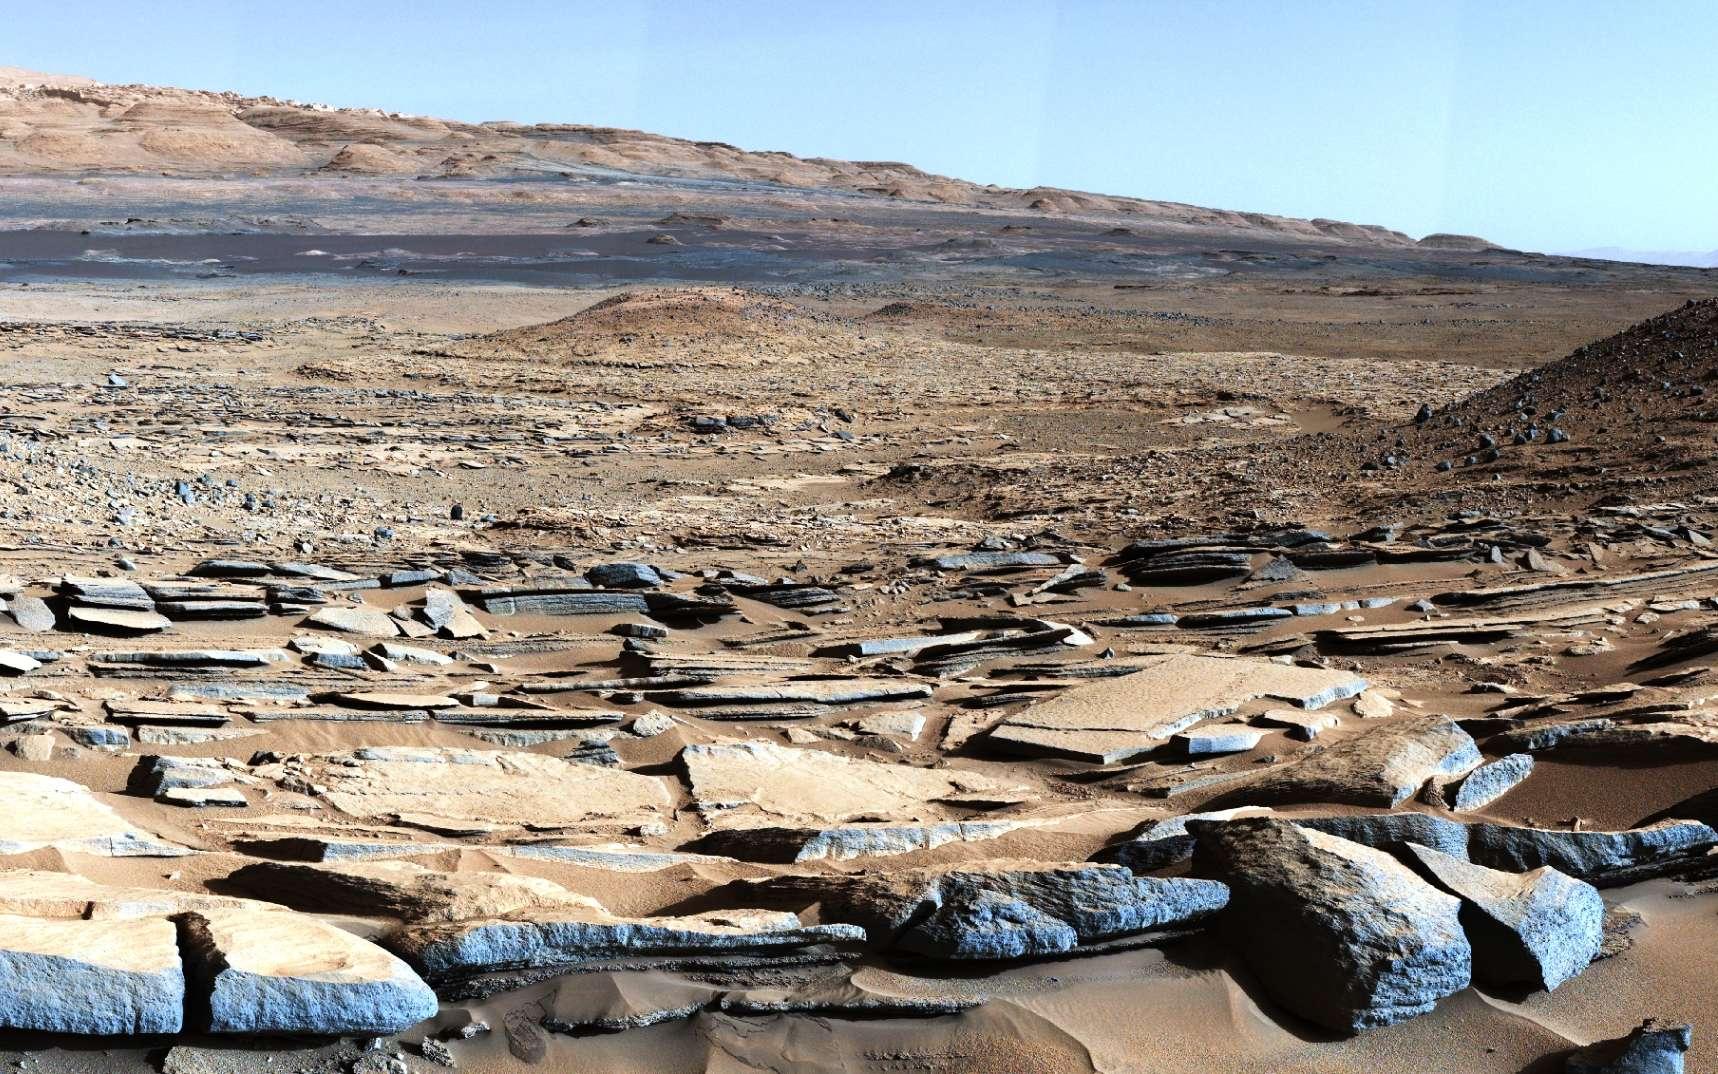 Le rover Curiosity de la Nasa a pris cette image à la base du mont Sharp sur Mars. Hélas, l'engin n'est pas équipé pour découvrir des bactéries sur la surface de la Planète rouge. © Nasa